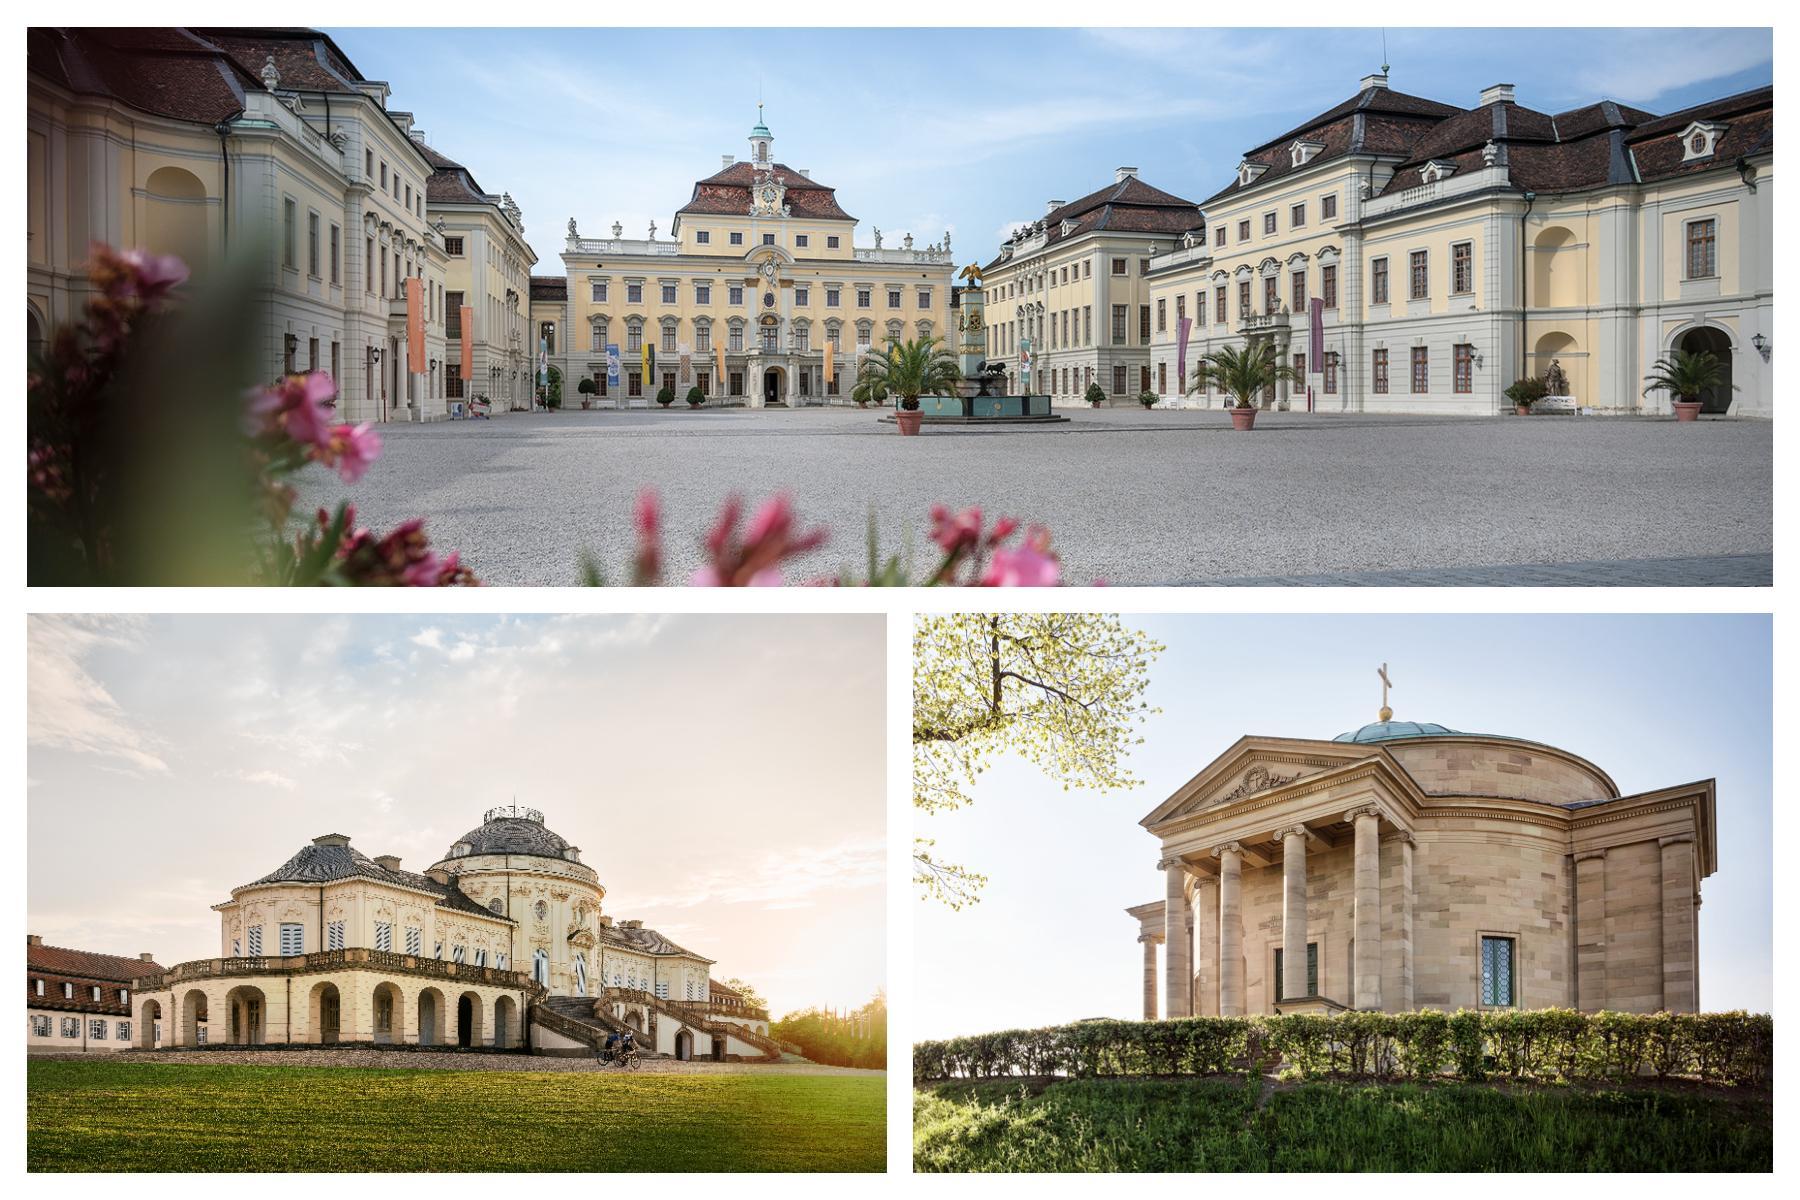 Fotocollage Residenzschloss Ludwigsburg, Schloss Solitude, Grabkapelle auf dem Württemberg